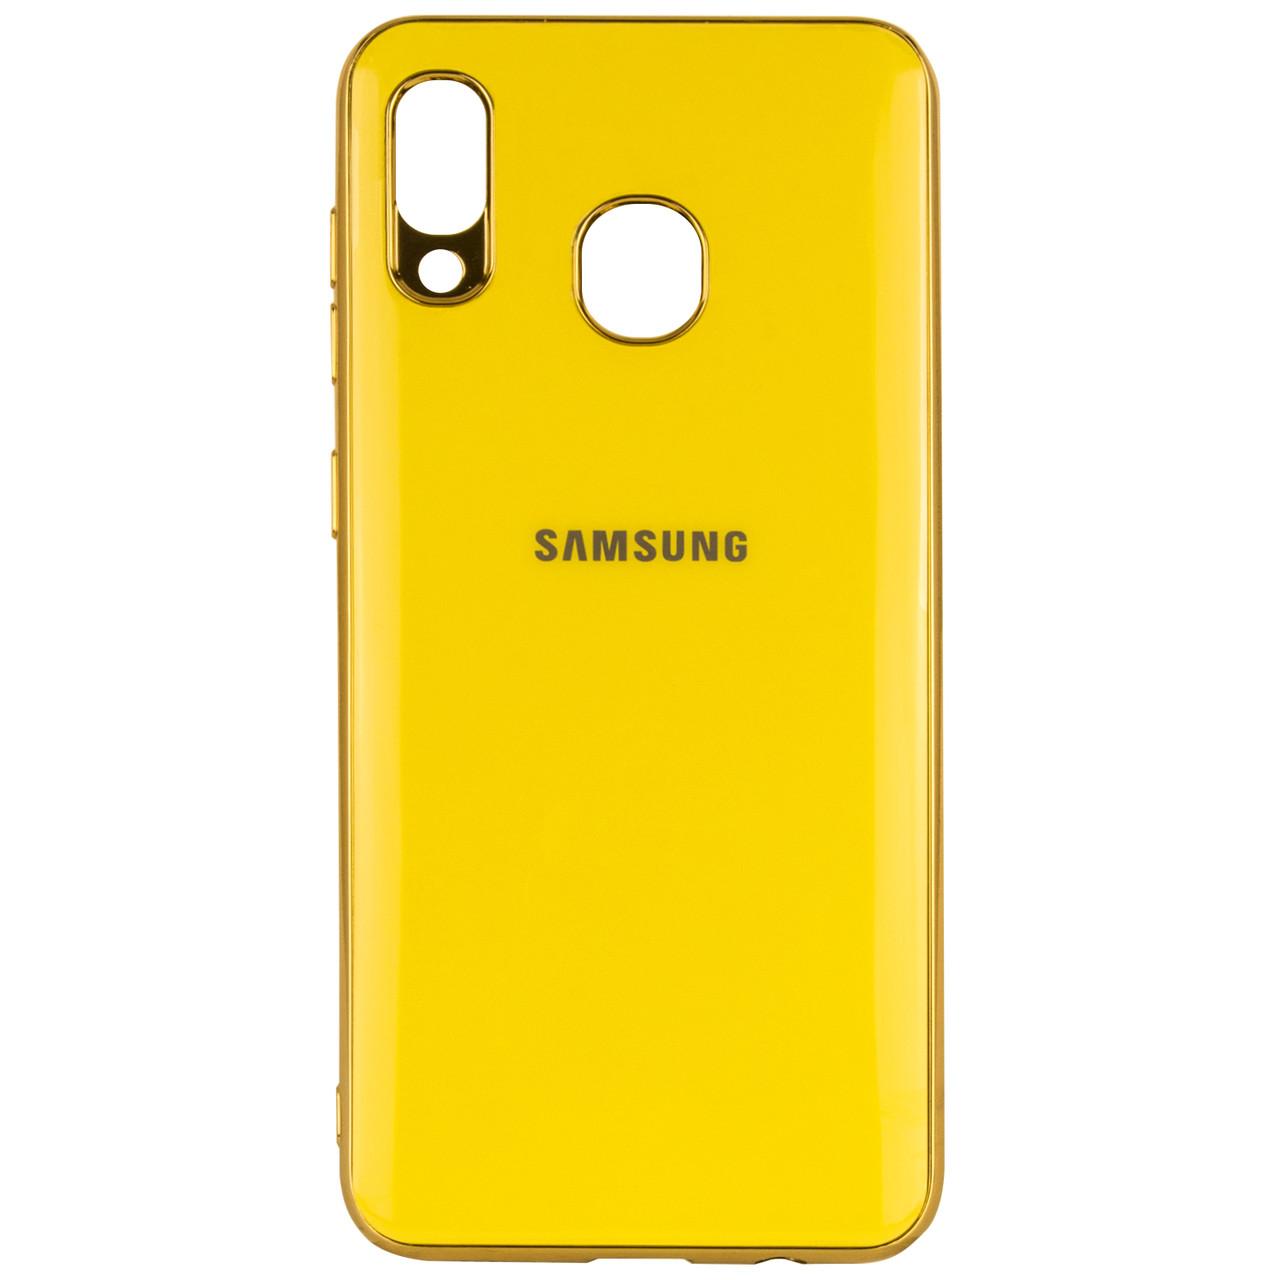 TPU чехол GLOSSY LOGO для Samsung Galaxy A20 / A30